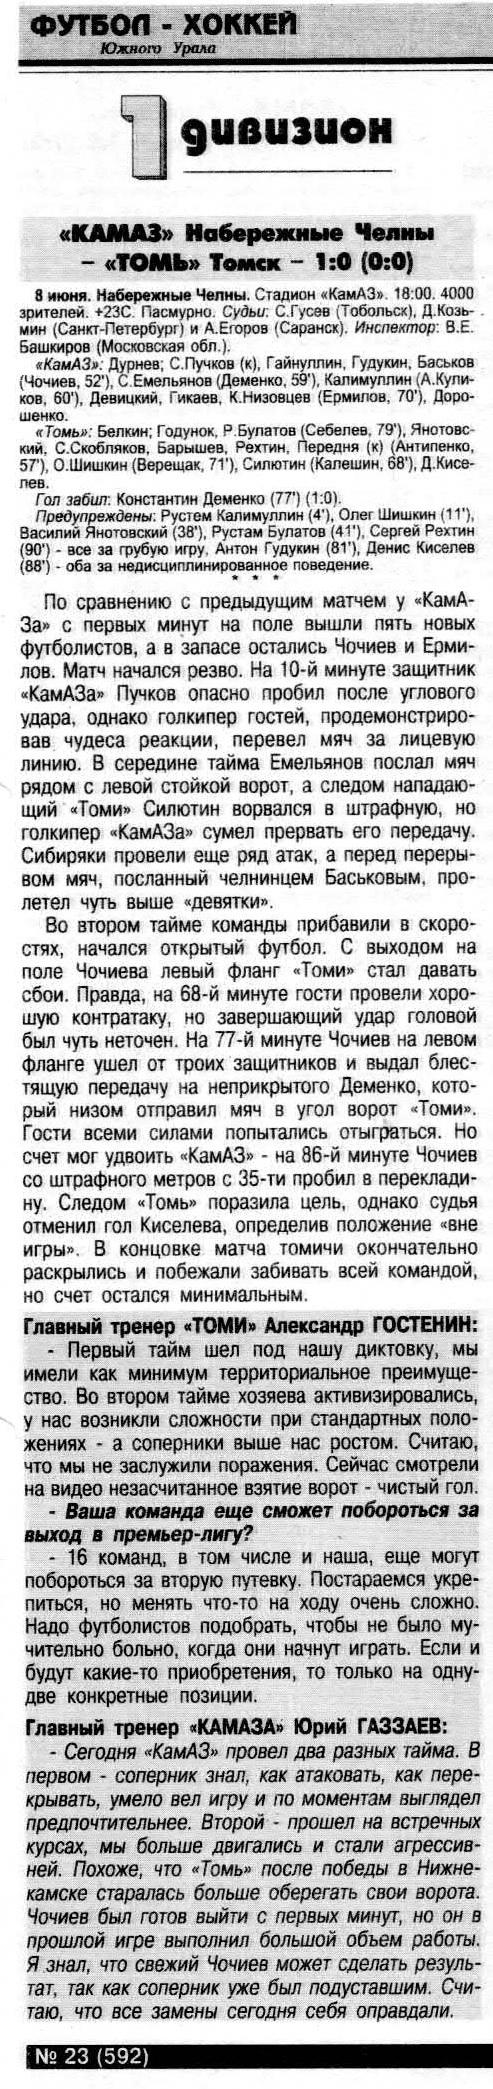 КамАЗ (Набережные Челны) - Томь (Томск) 1:0